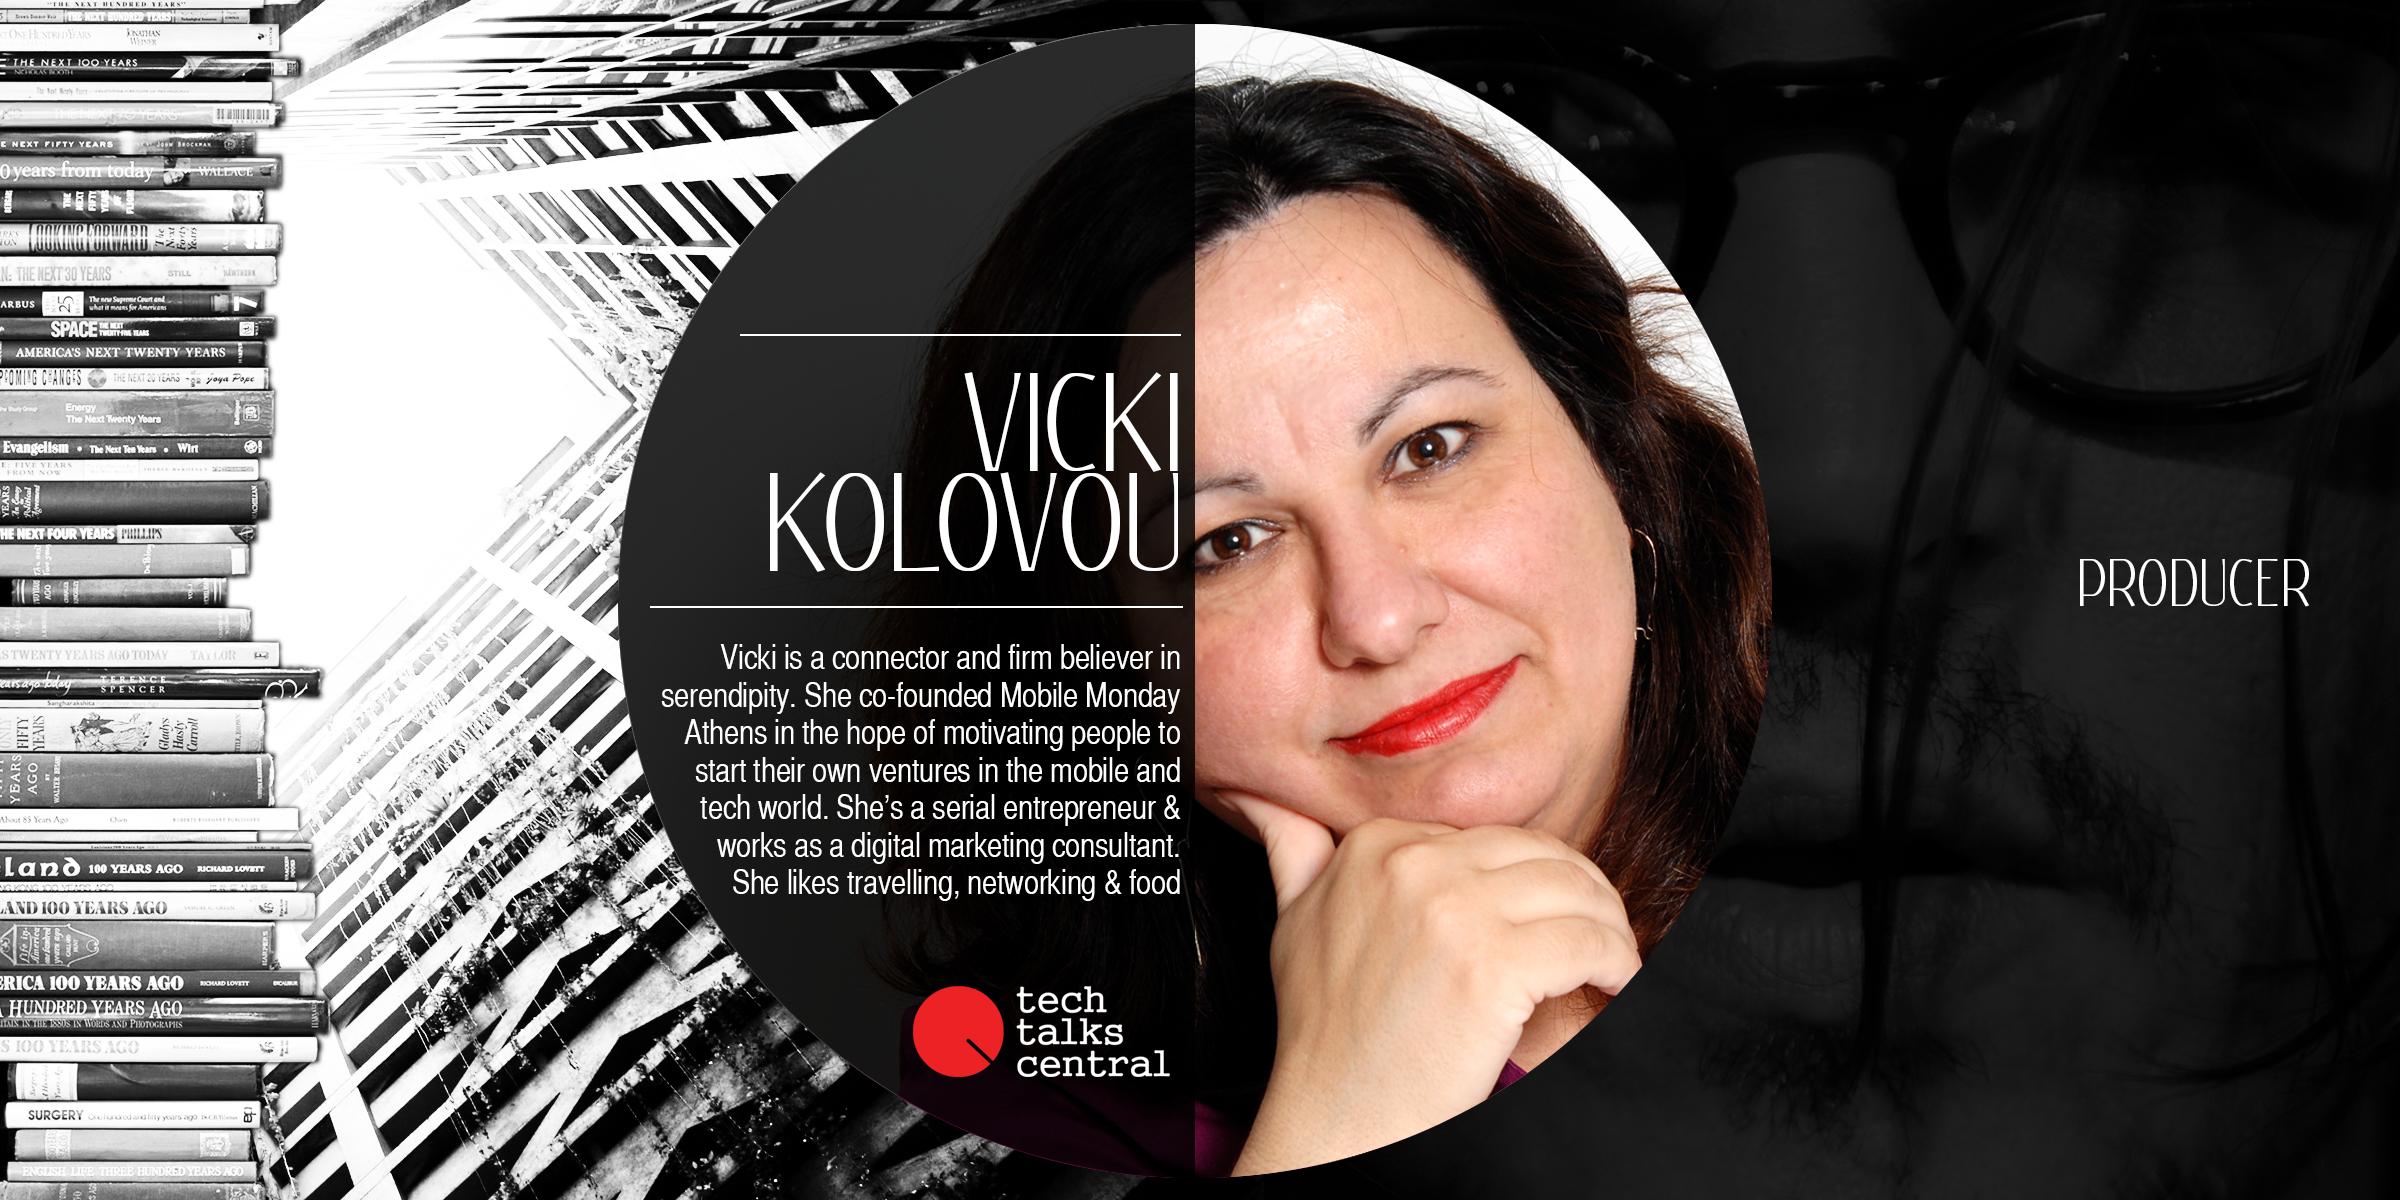 TTC Vicki Kolovou